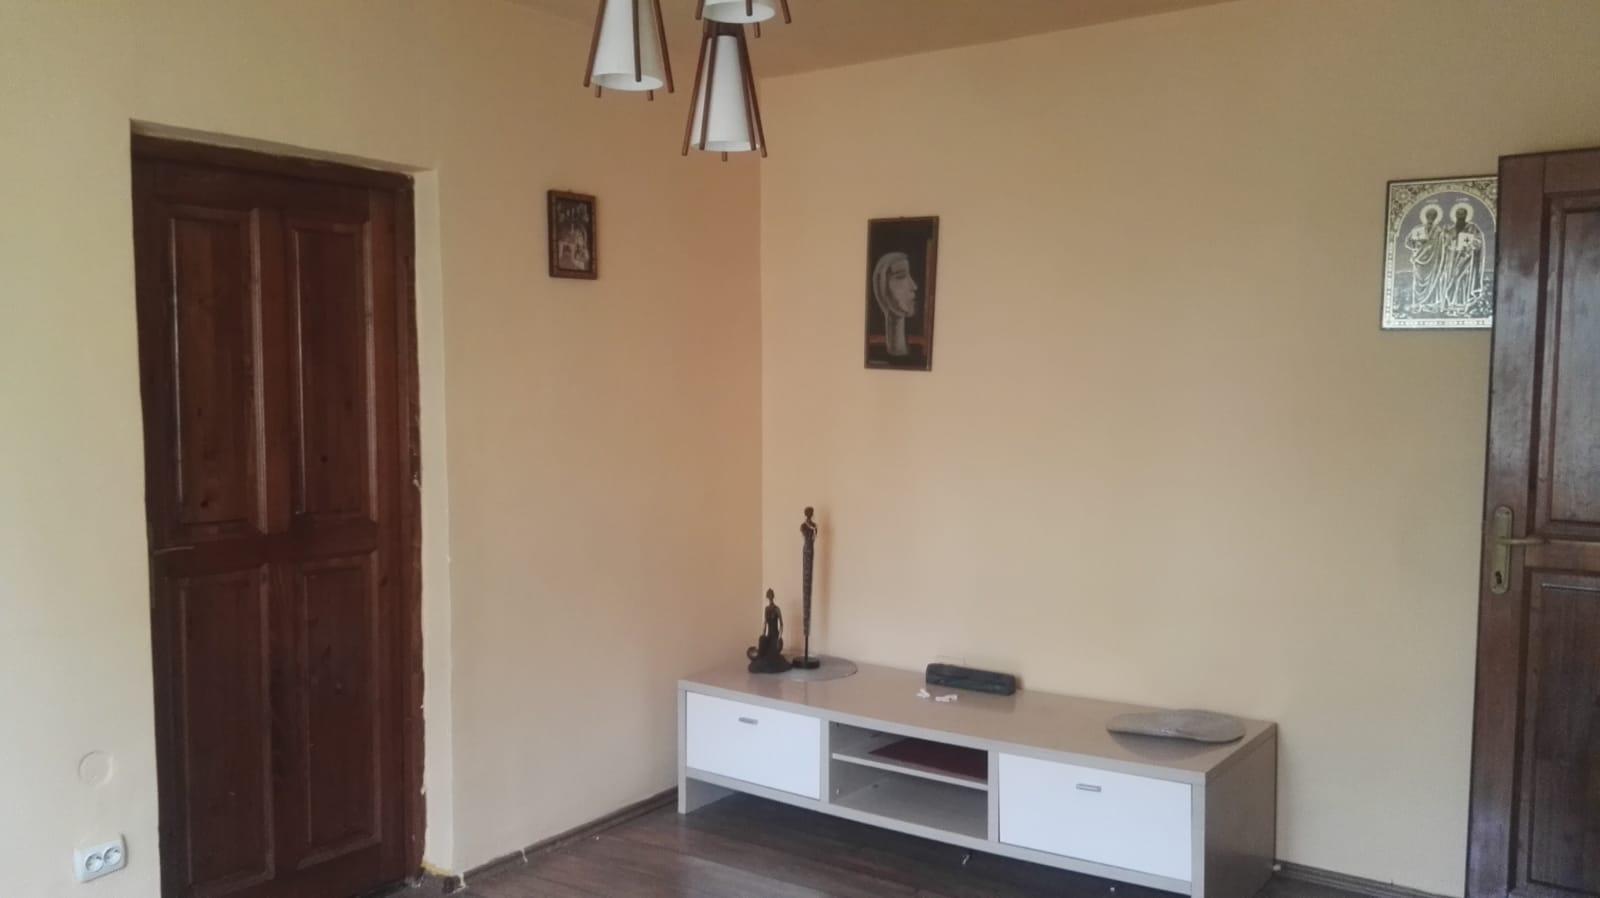 Etaj 1 Hipodrom III/ str. Ostirii – Apartament 2 camere